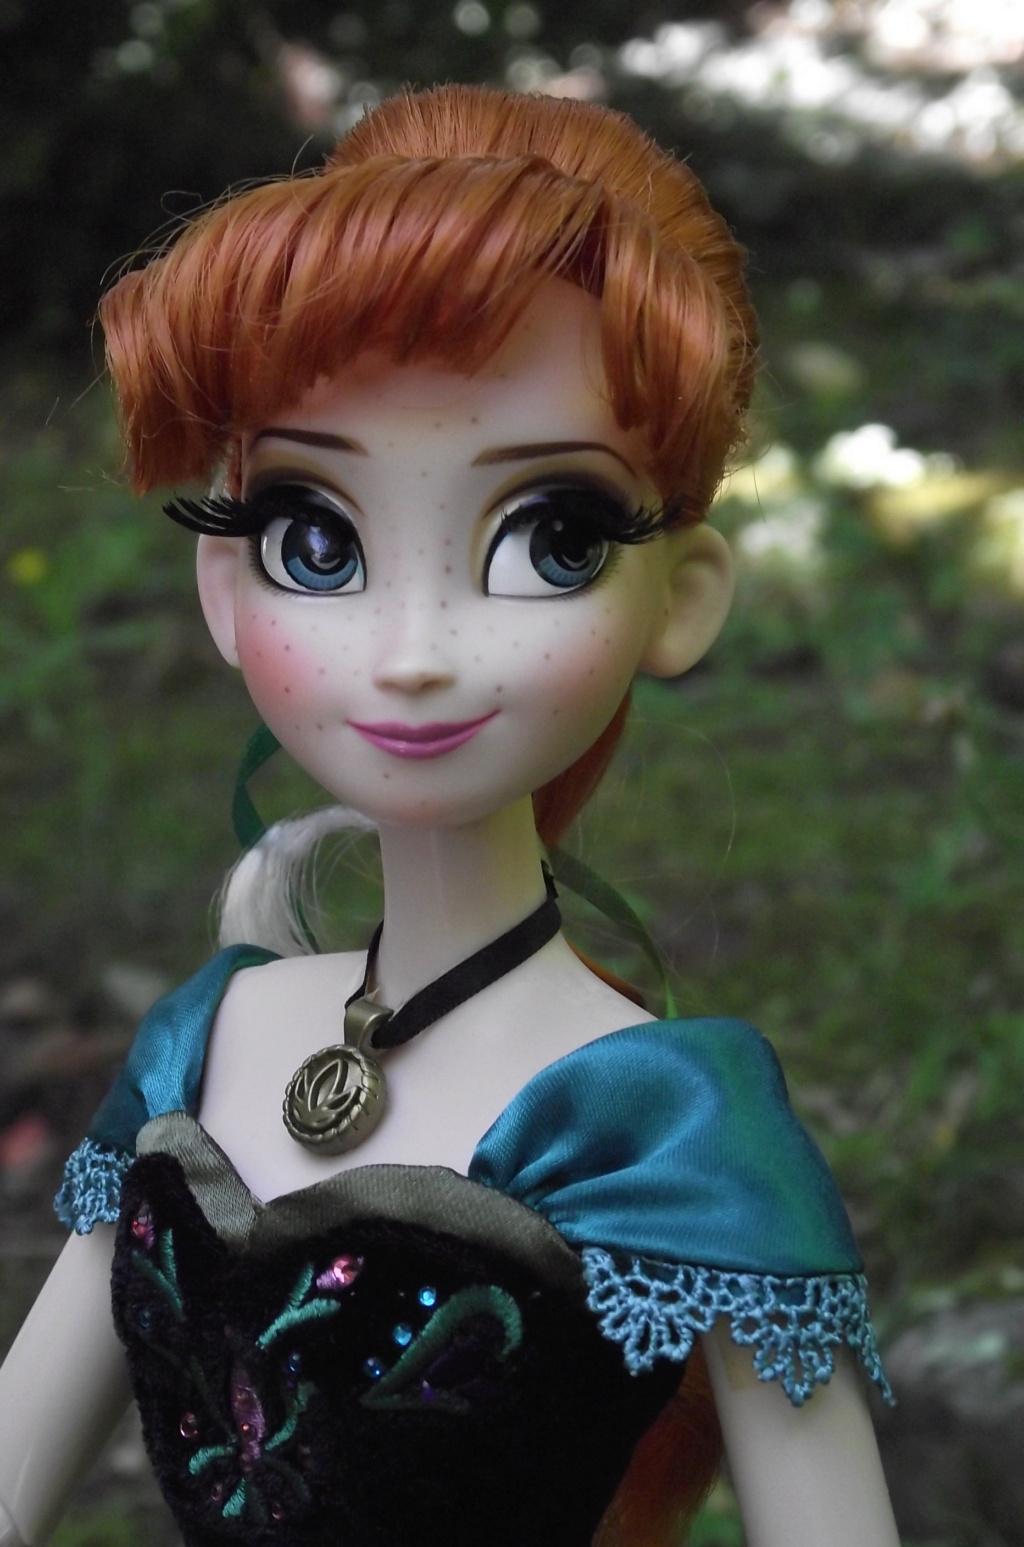 Nos poupées LE en photo : Pour le plaisir de partager - Page 29 Dscf4120